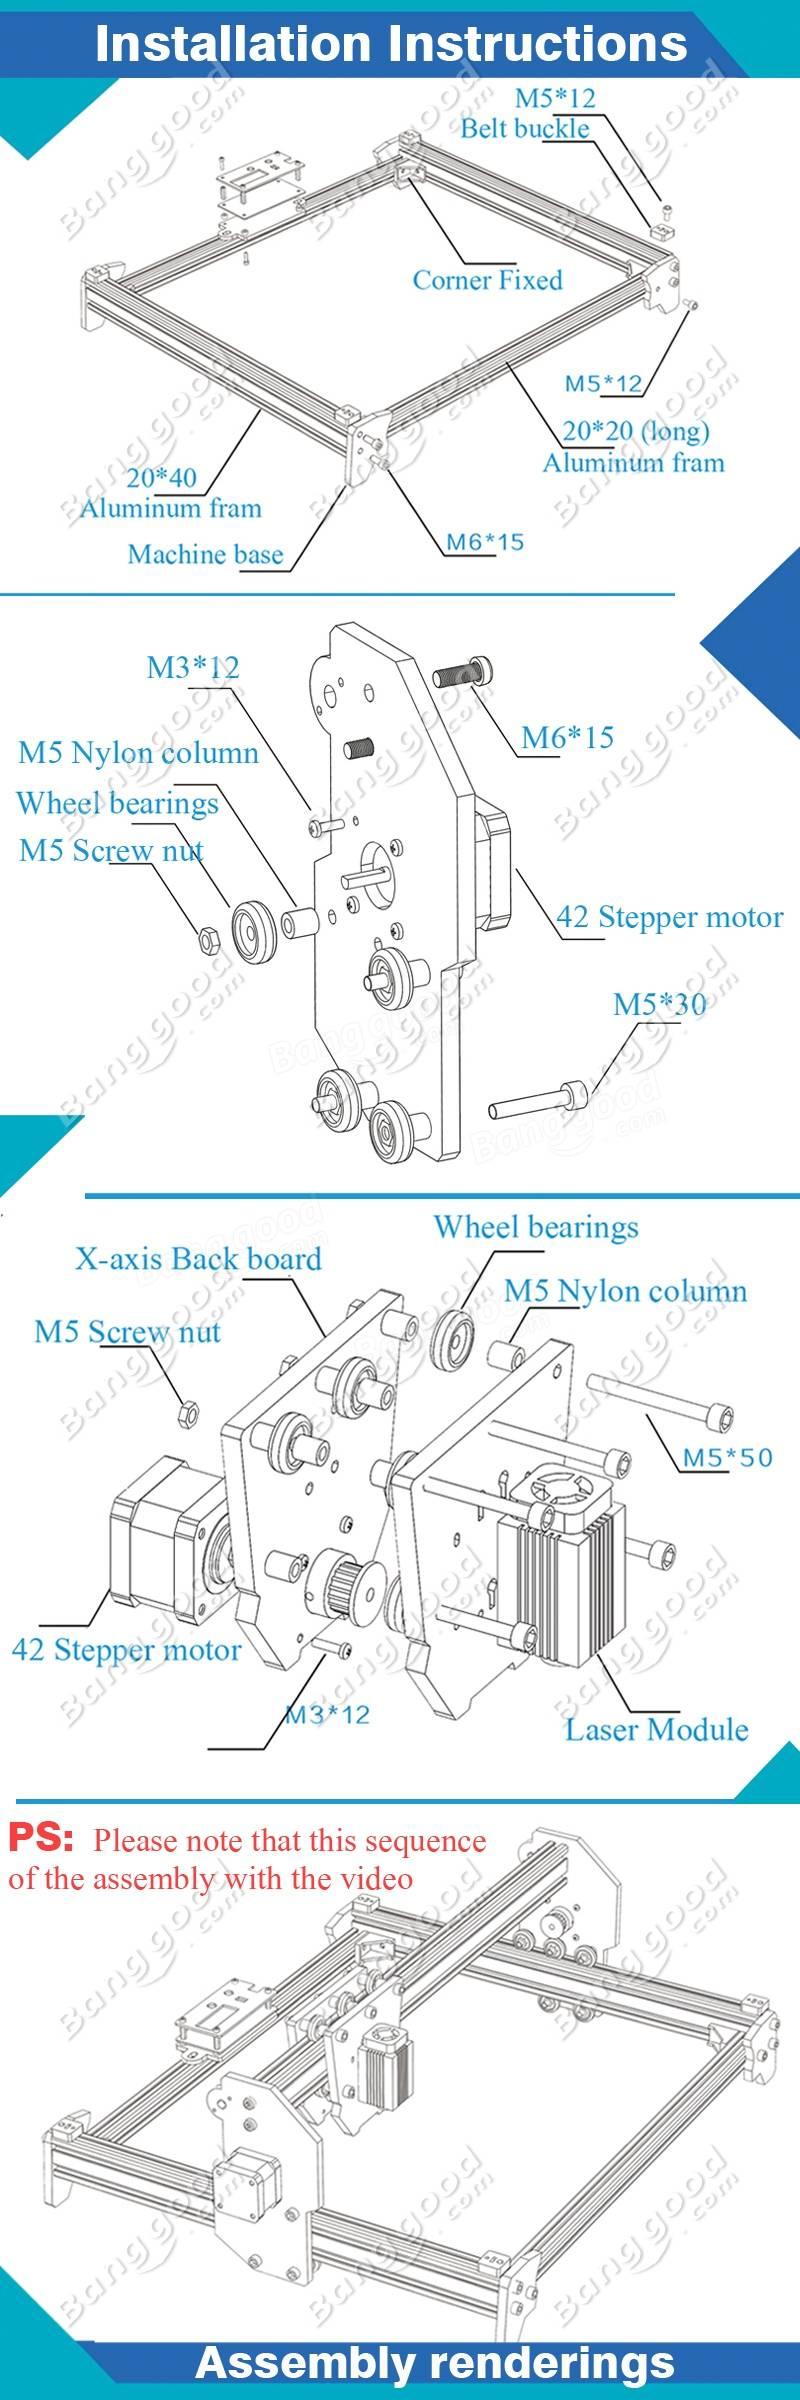 Eleksmaker Elekslaser A3 Pro 5500mw Laser Engraving